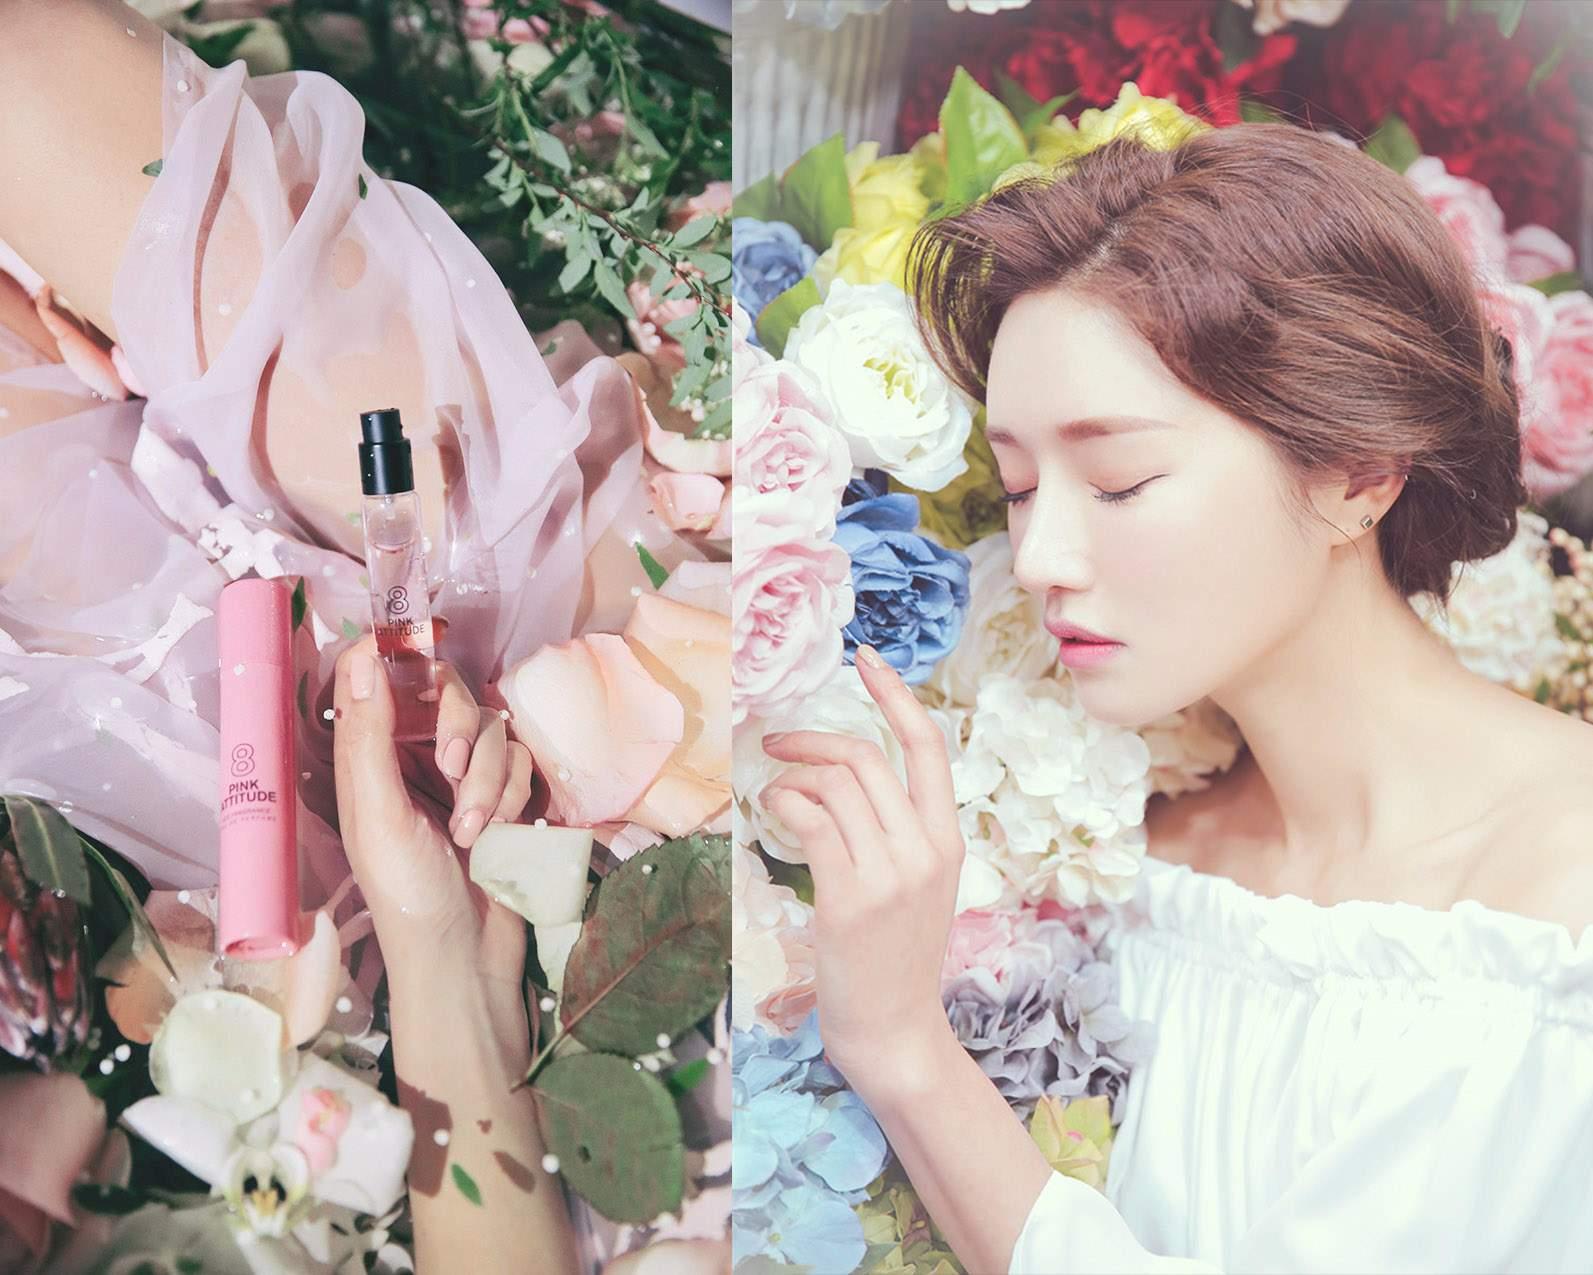 #8 這款香水在羞澀的紫羅蘭和浪漫的牡丹香氣中加入些許黑莓,甜美純潔的少女氣息讓人怦然心動。猶如美麗的少女站在花瓣散落的庭院,粉紅色的幽香隨著她的腳步飄散開來。